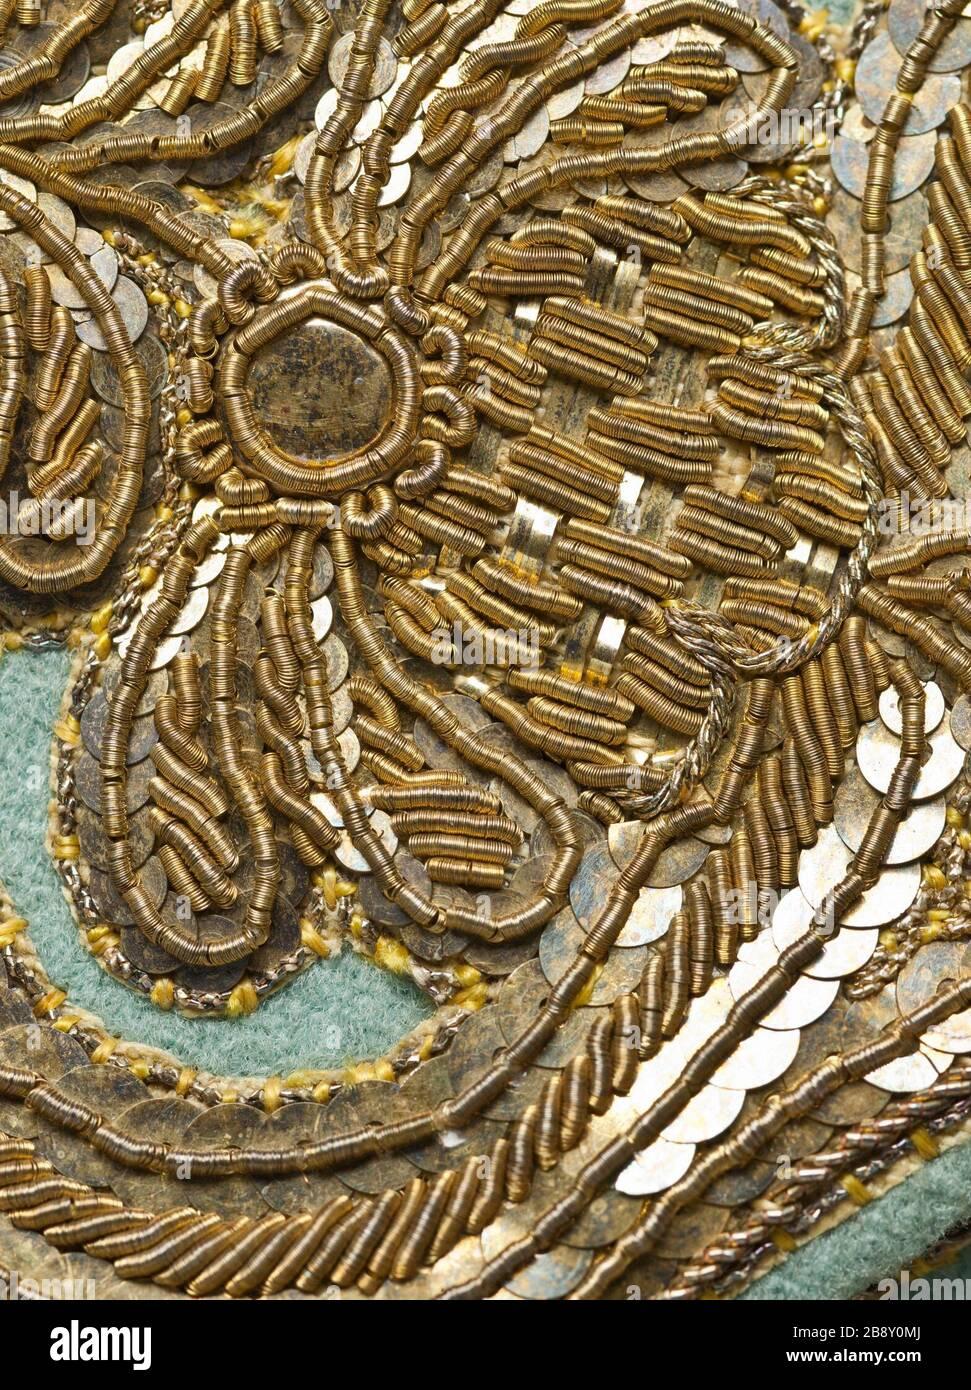 """""""La Traje (Imagen 6 de 11); en inglés: Francia, circa 1760 trajes trajes; principales (cuerpo entero) Coat y chaleco: lana de ligamento tafetán, de acabado completo, con lentejuelas y apliques de bordado de rosca metálica; calzones: lana de ligamento tafetán, de acabado completo, con hilos metálicos y de seda passementerie un escudo central posterior) Longitud: 40 1/4 x . (102.235 x ); b) Centro de chaleco de longitud de espalda: 29 3/4 x . (75.565 x ); c) Calzones inseam longitud: 18 1/4 pulg. (46.355 cm); c) Calzones longitud lateral: 25. (63,5 cm) adquiridos con fondos proporcionados por Suzanne A. Saperstein y Michael y Ellen Michelson, con fu adicionales Foto de stock"""